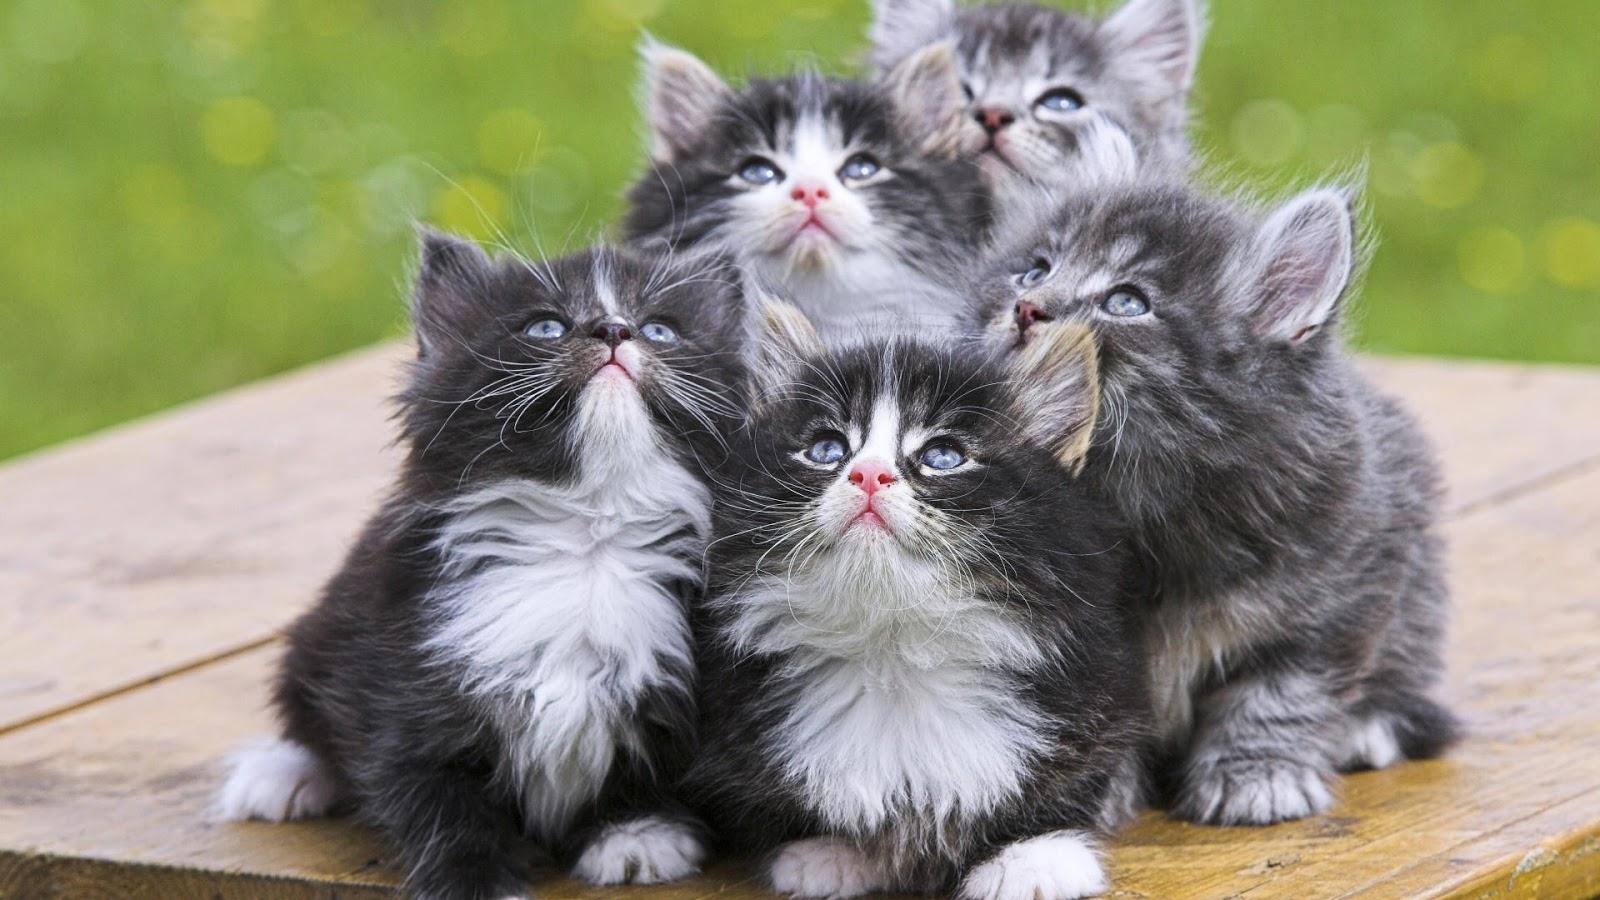 صورة اجمل الصور للقطط في العالم , لعشاق القطط اليك اجمل صور للقطط بجميع انواعها 1367 1